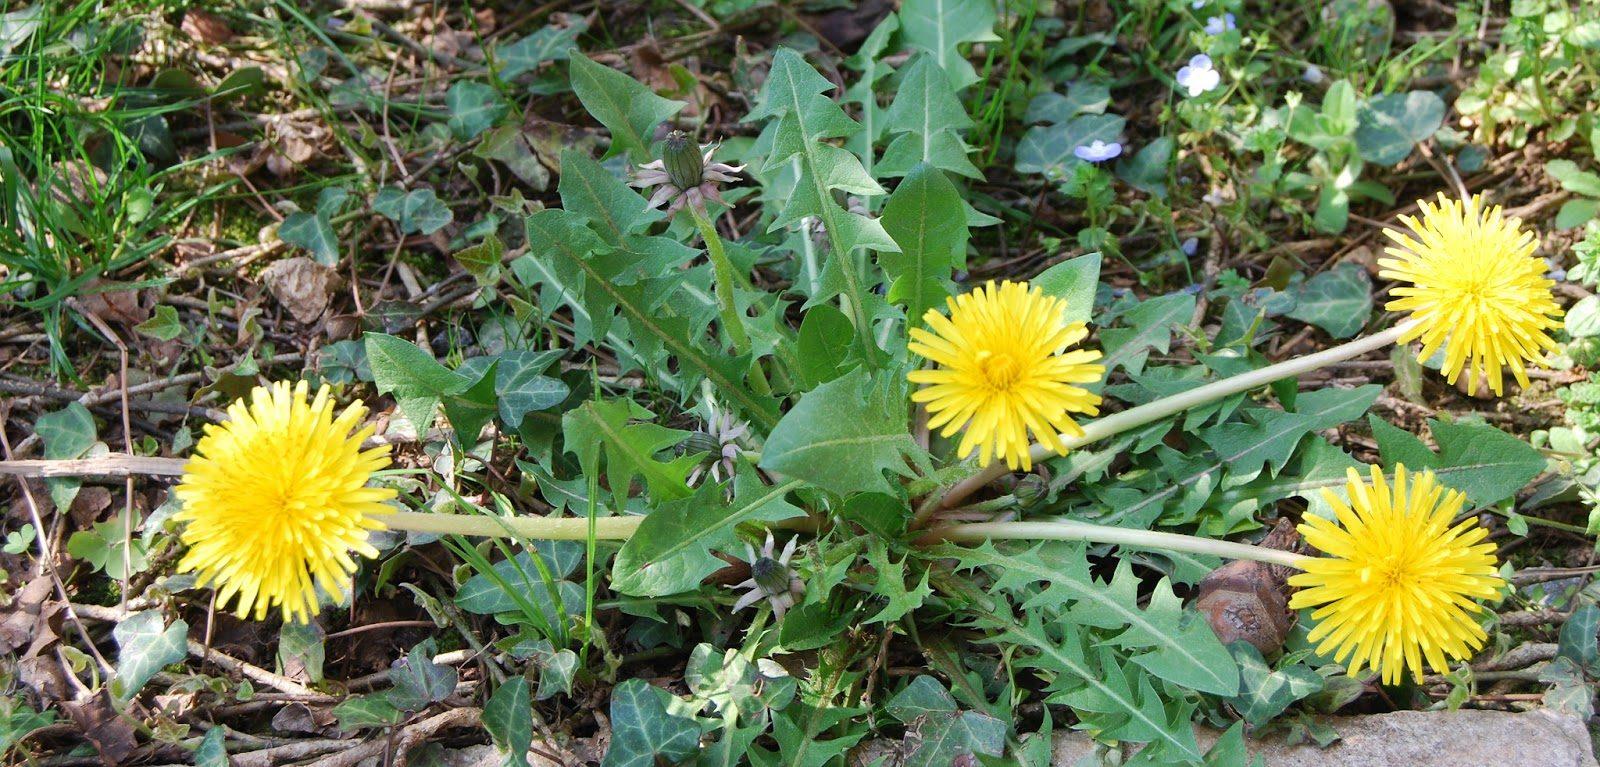 Fiori E Piante Commestibili 8 piante selvatiche commestibili da conoscere - green.it